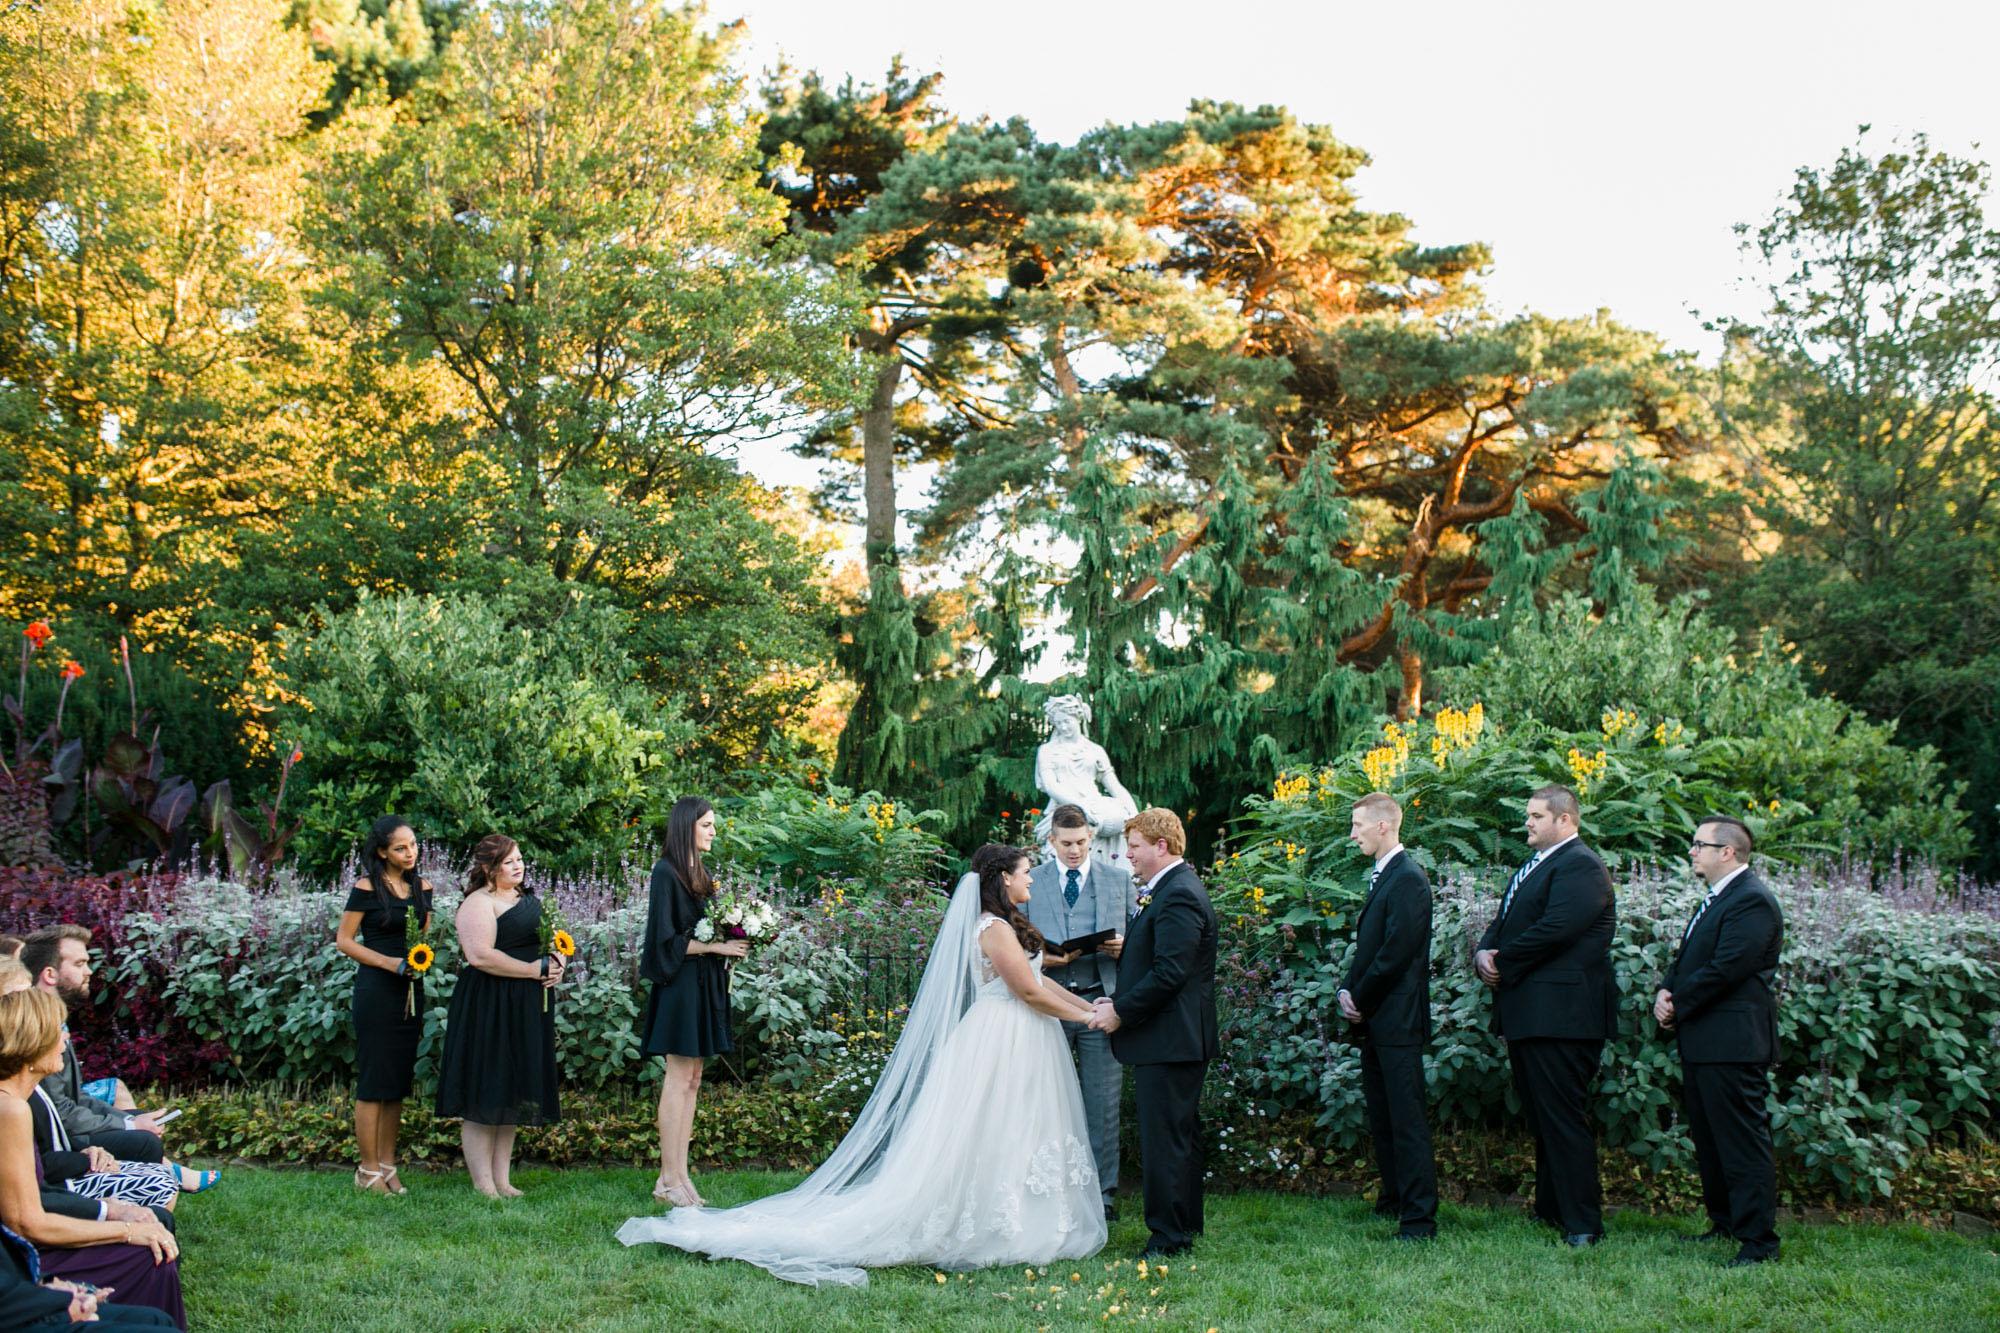 toledo-zoo-wedding-pictures-101.jpg